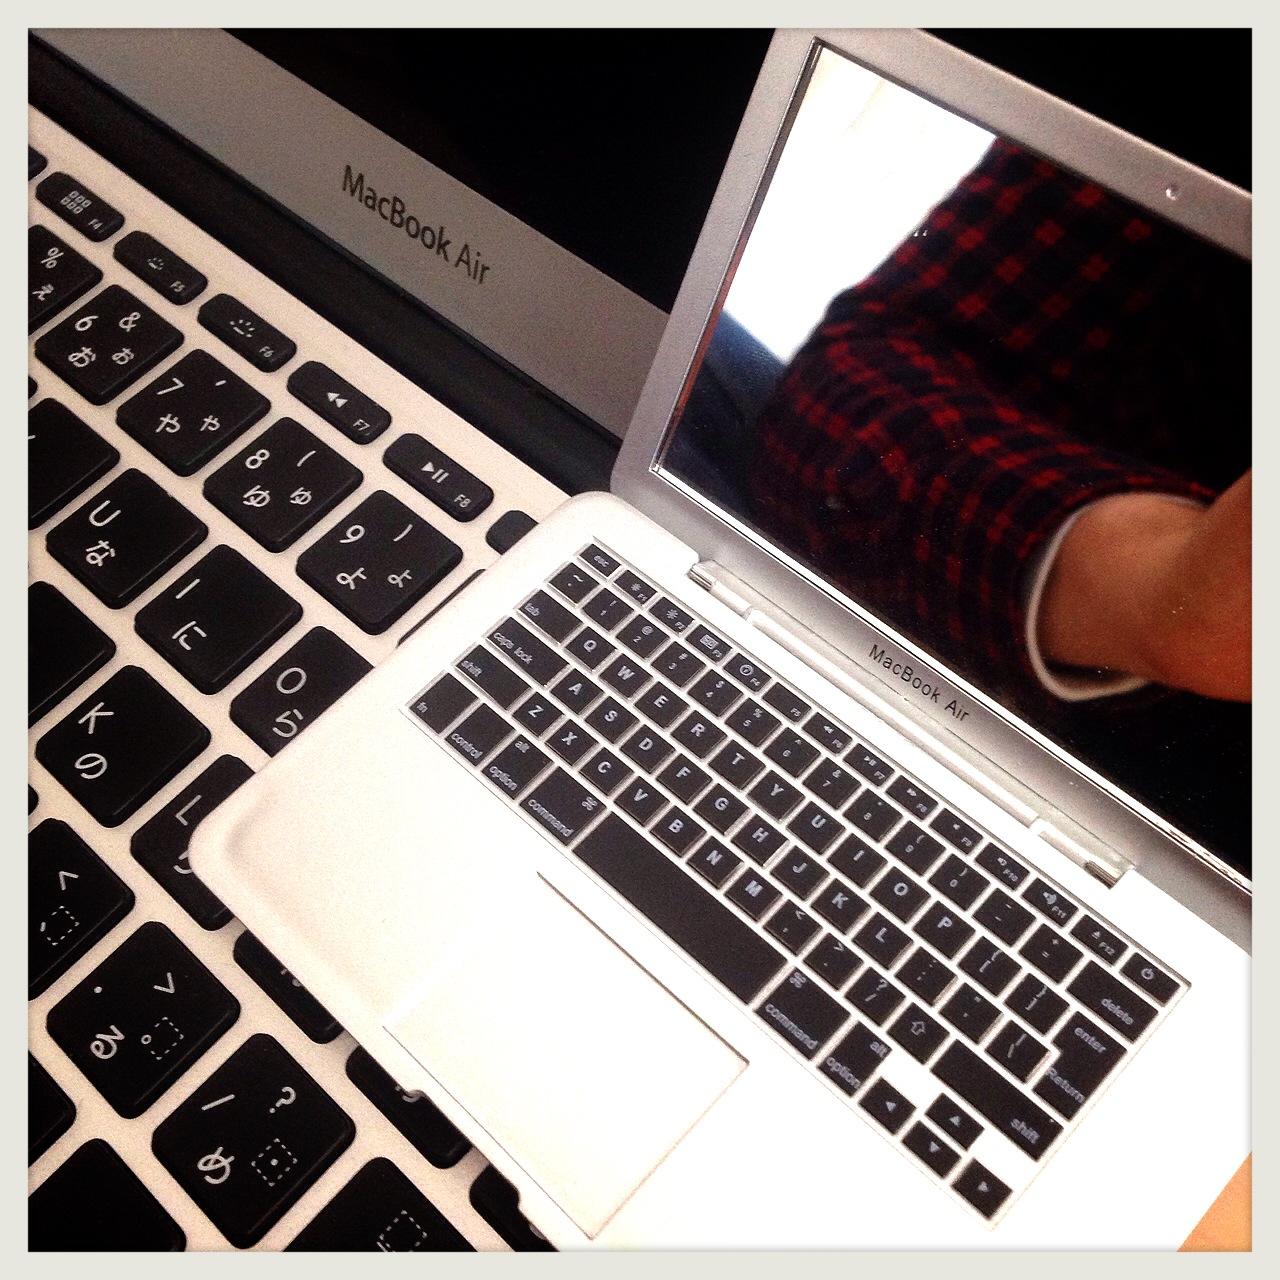 【新型Mac!?】噂の『MirrorBook Air』を比較してみた。